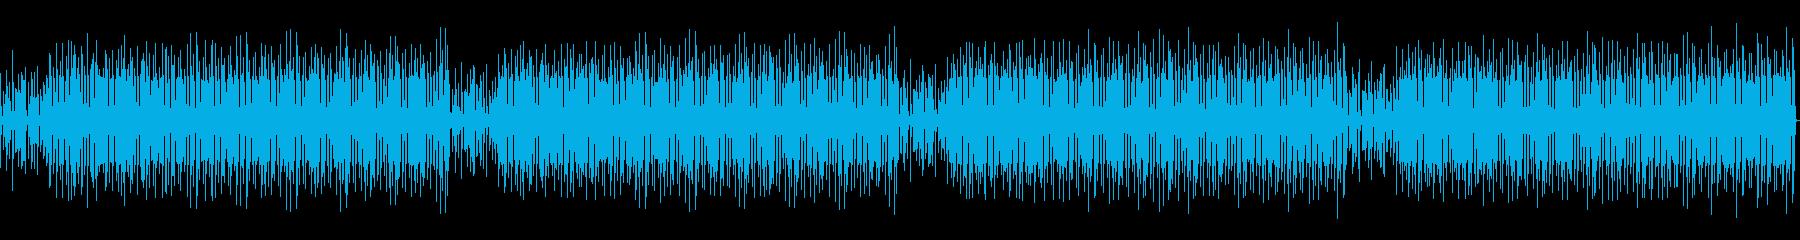 音声を邪魔しないエモいトークBGMの再生済みの波形